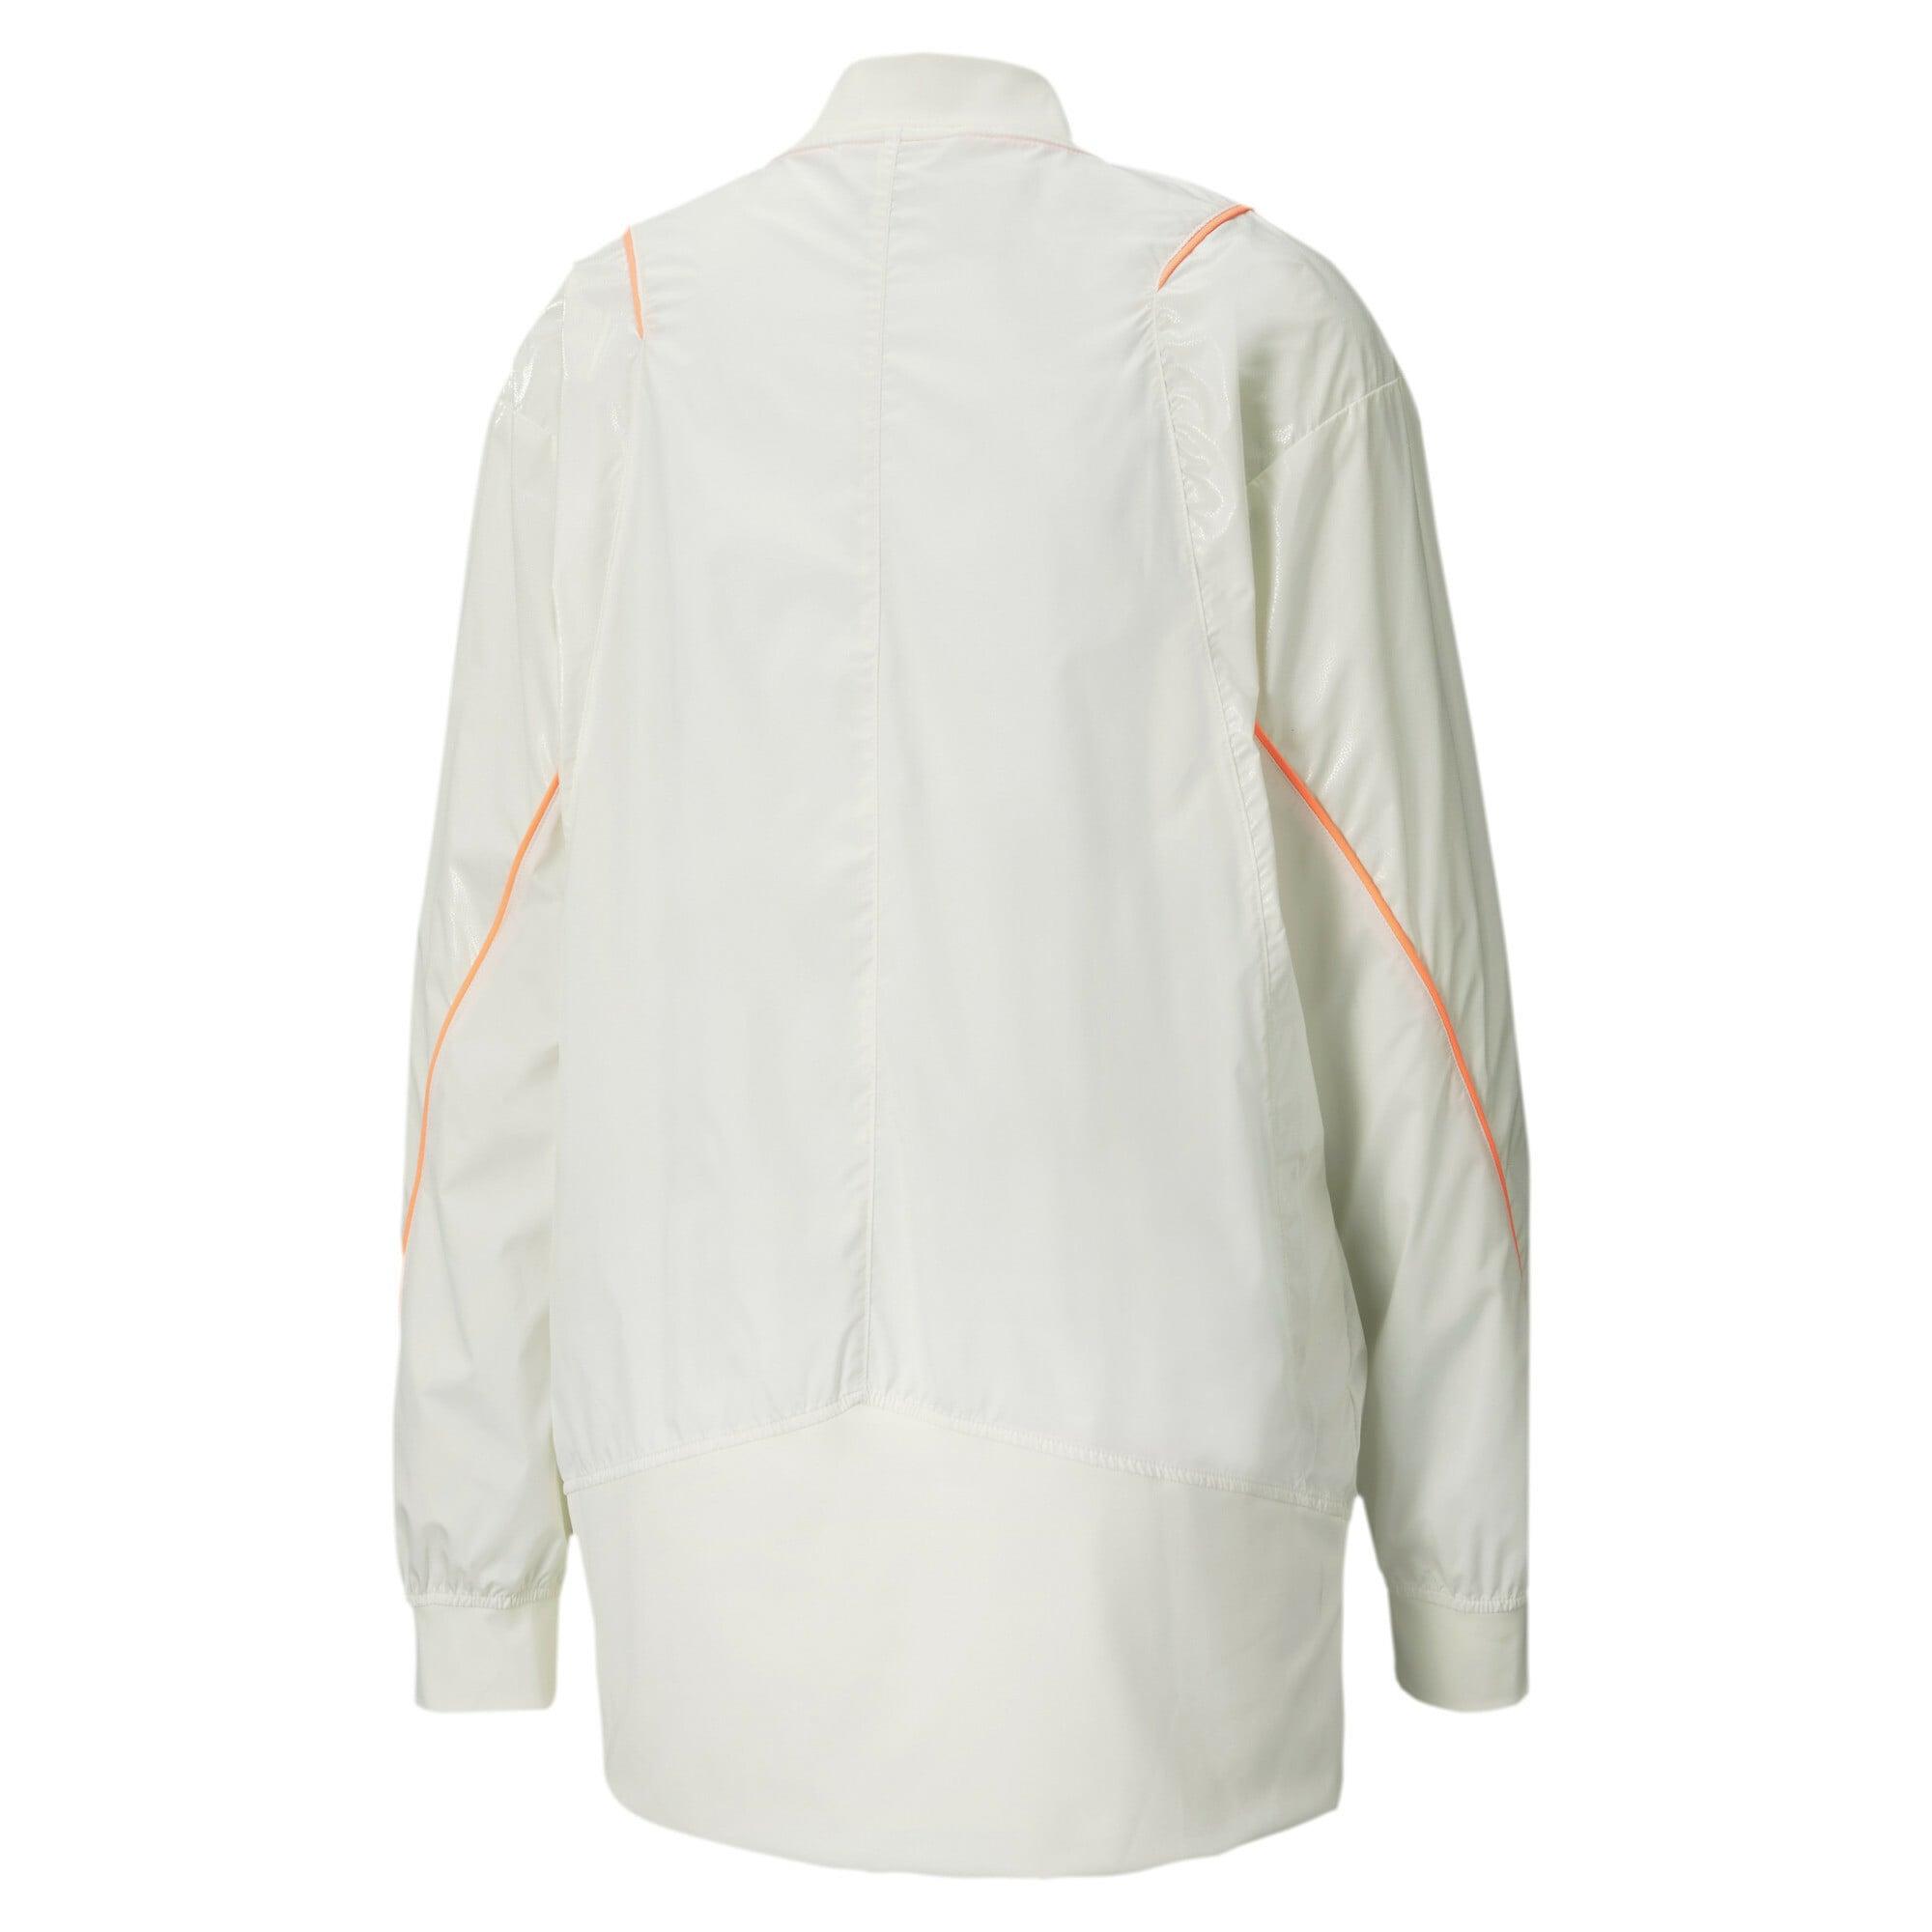 puma - Pearl Gewebte Damen Trainingsjacke